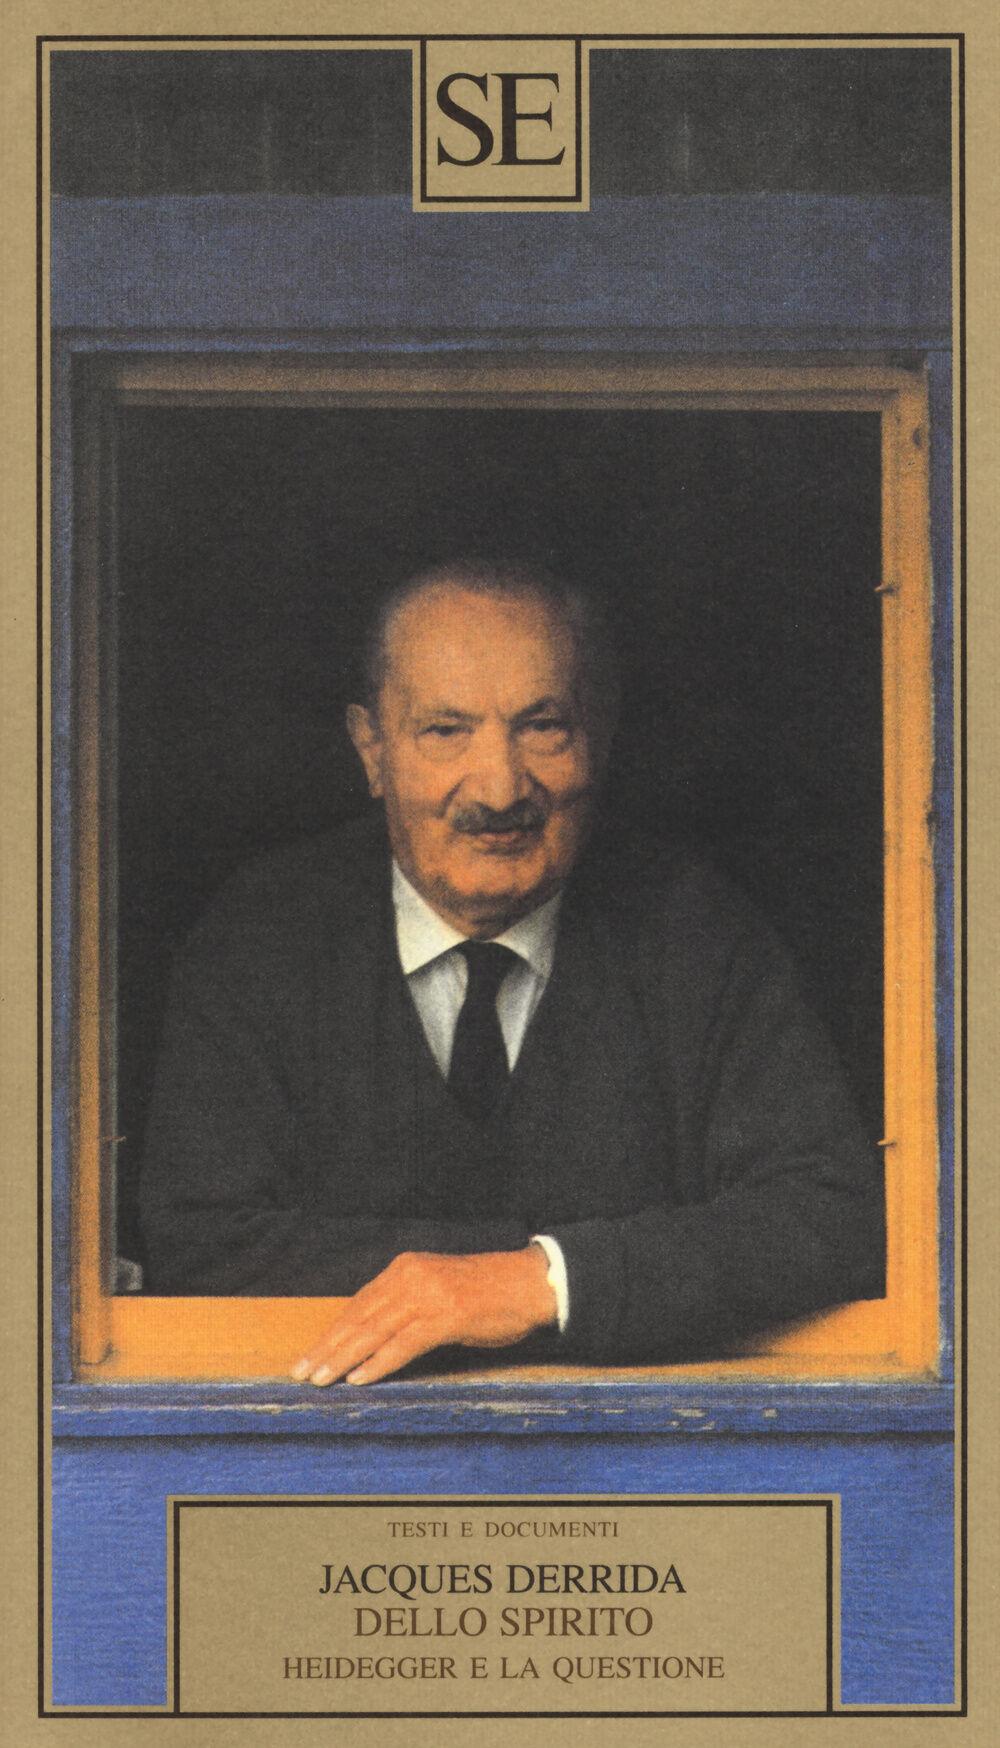 Dello spirito: Heidegger e la questione